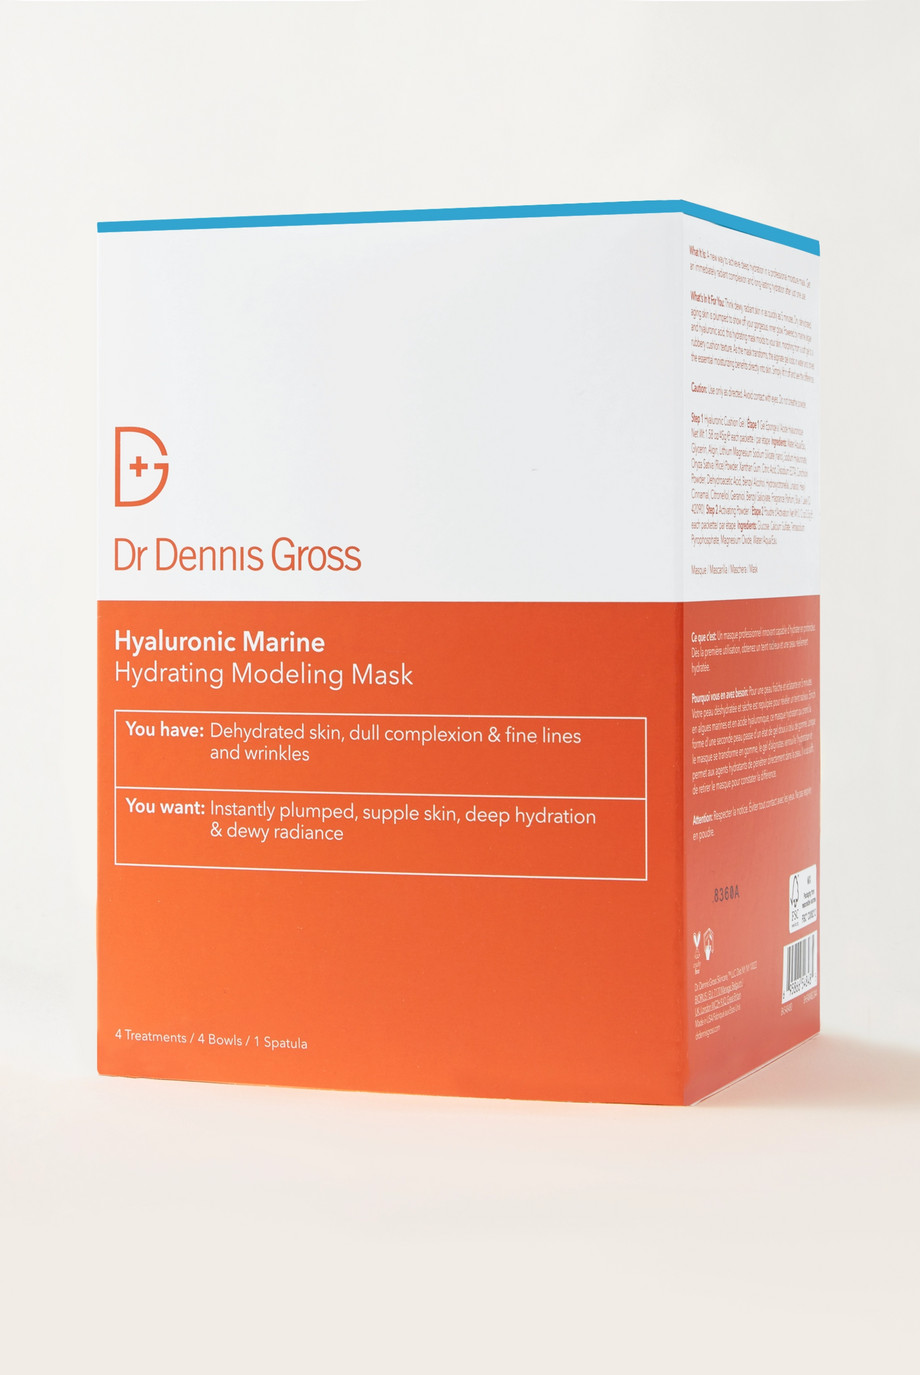 Dr. Dennis Gross Skincare Hyaluronic Marine Hydrating Modeling Mask x 4